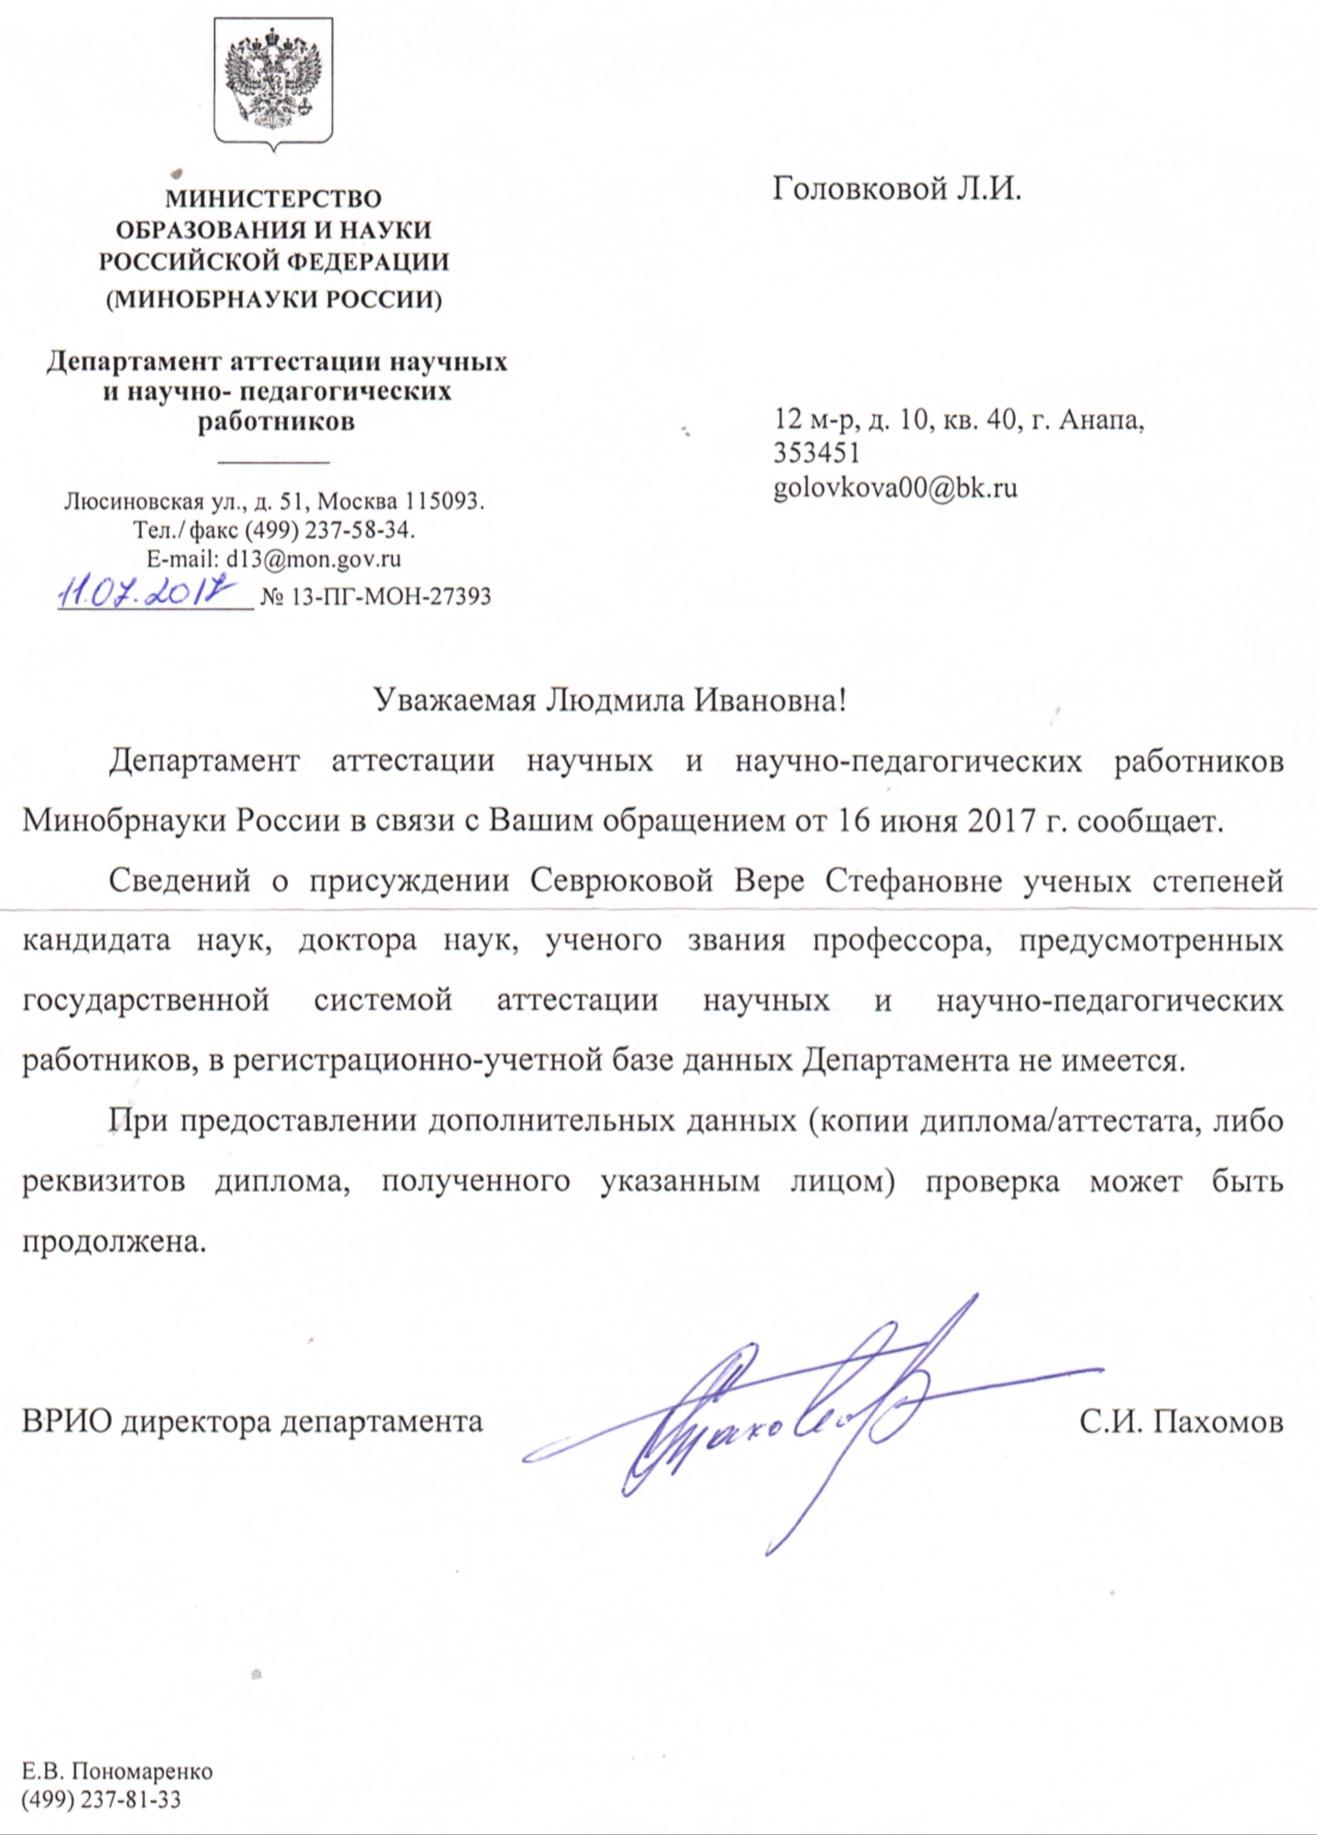 Депутат МО Анапа Севрюкова Вера Стефановна